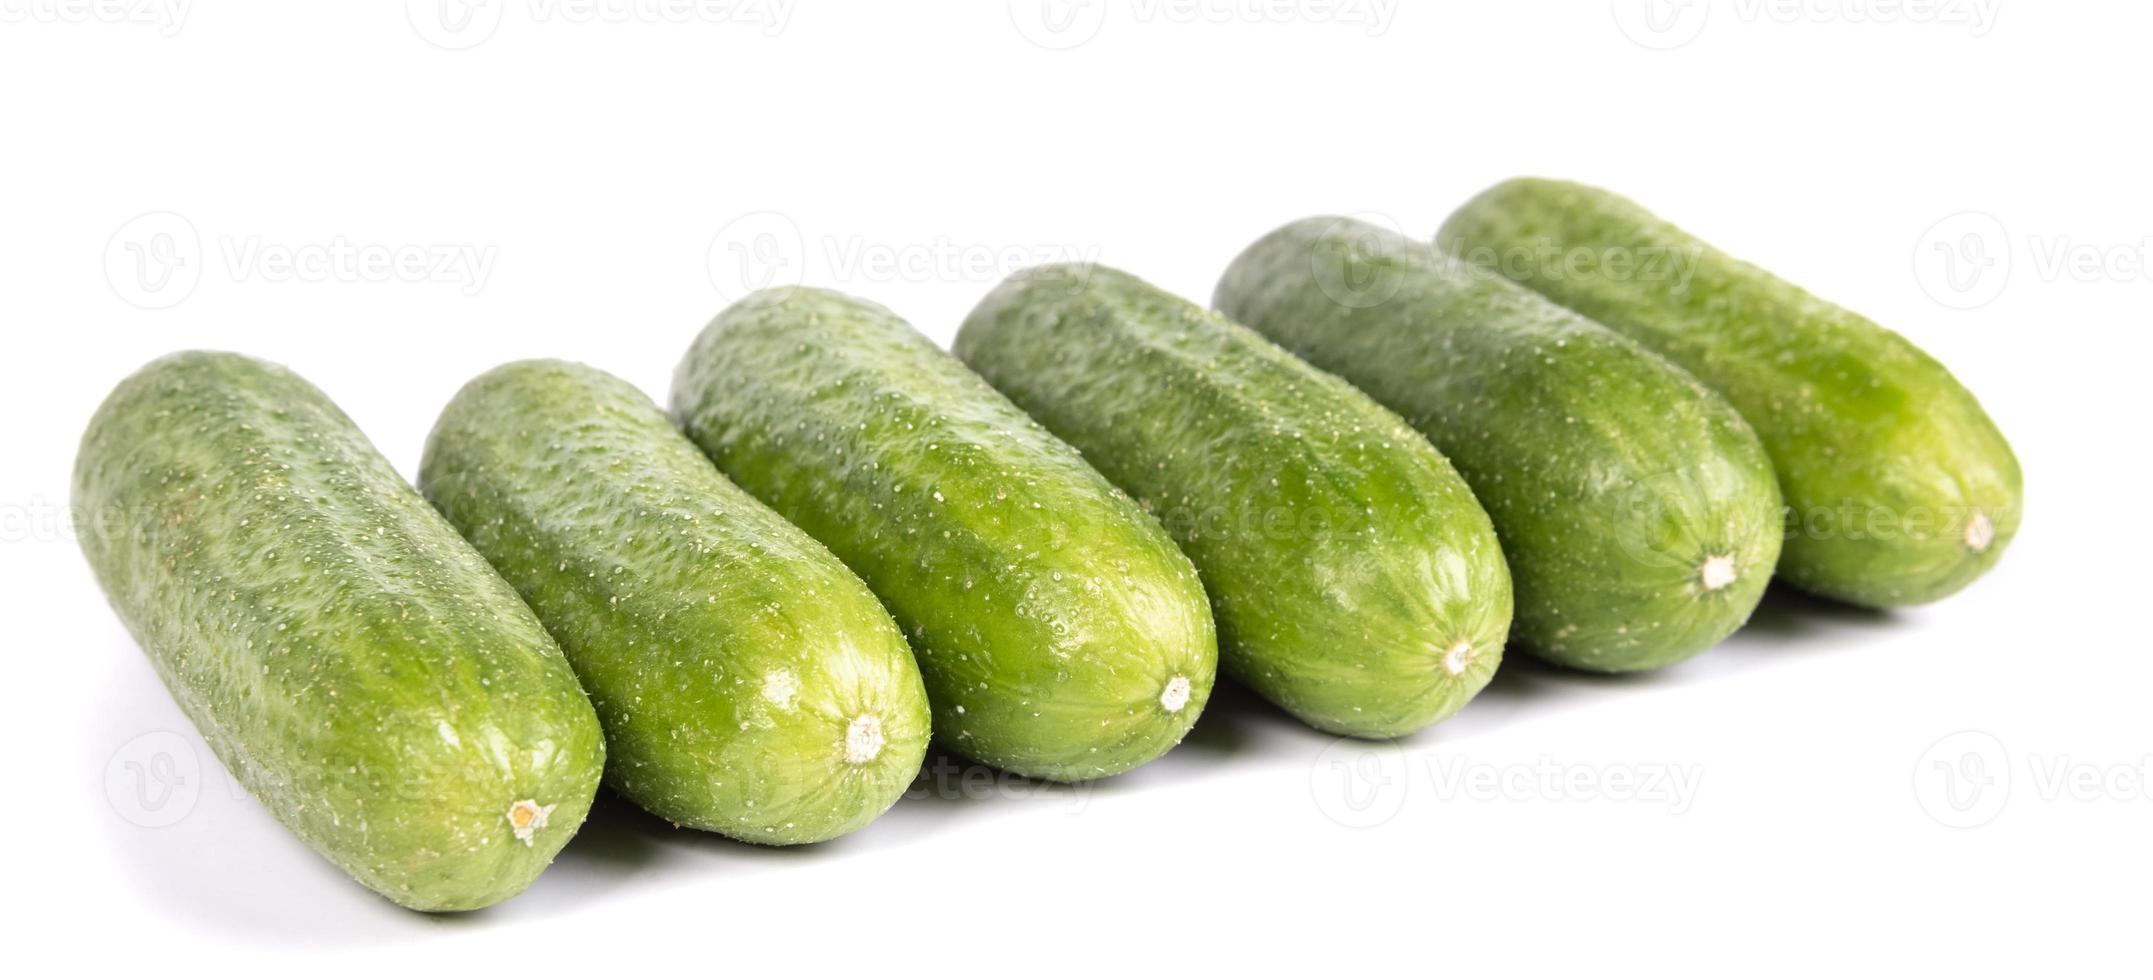 groene komkommer foto